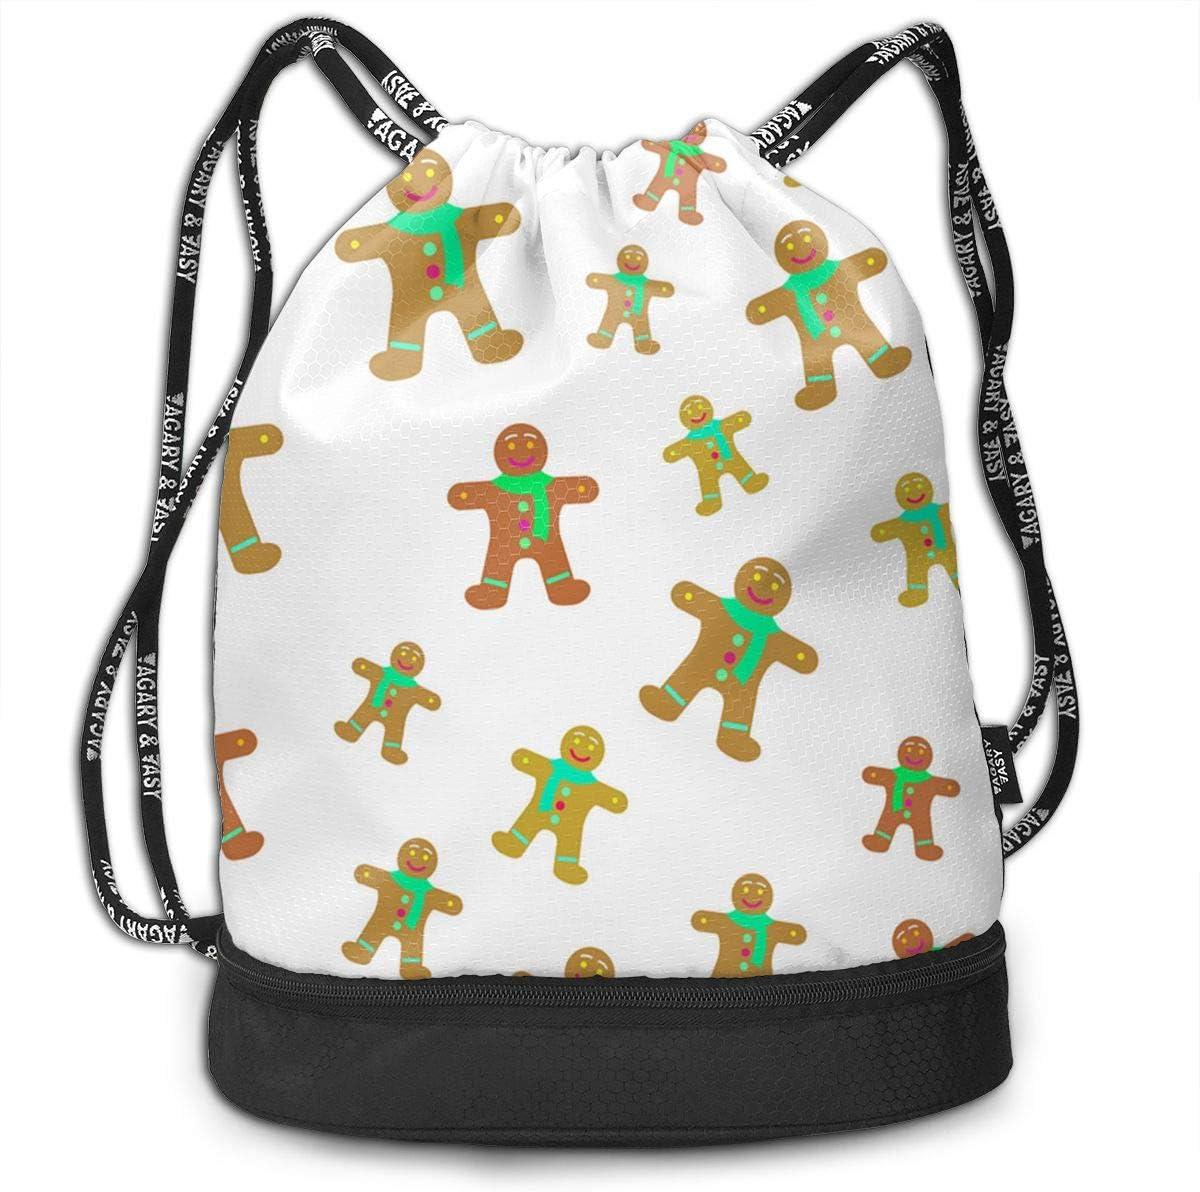 HUOPR5Q Old Christmas Drawstring Backpack Sport Gym Sack Shoulder Bulk Bag Dance Bag for School Travel